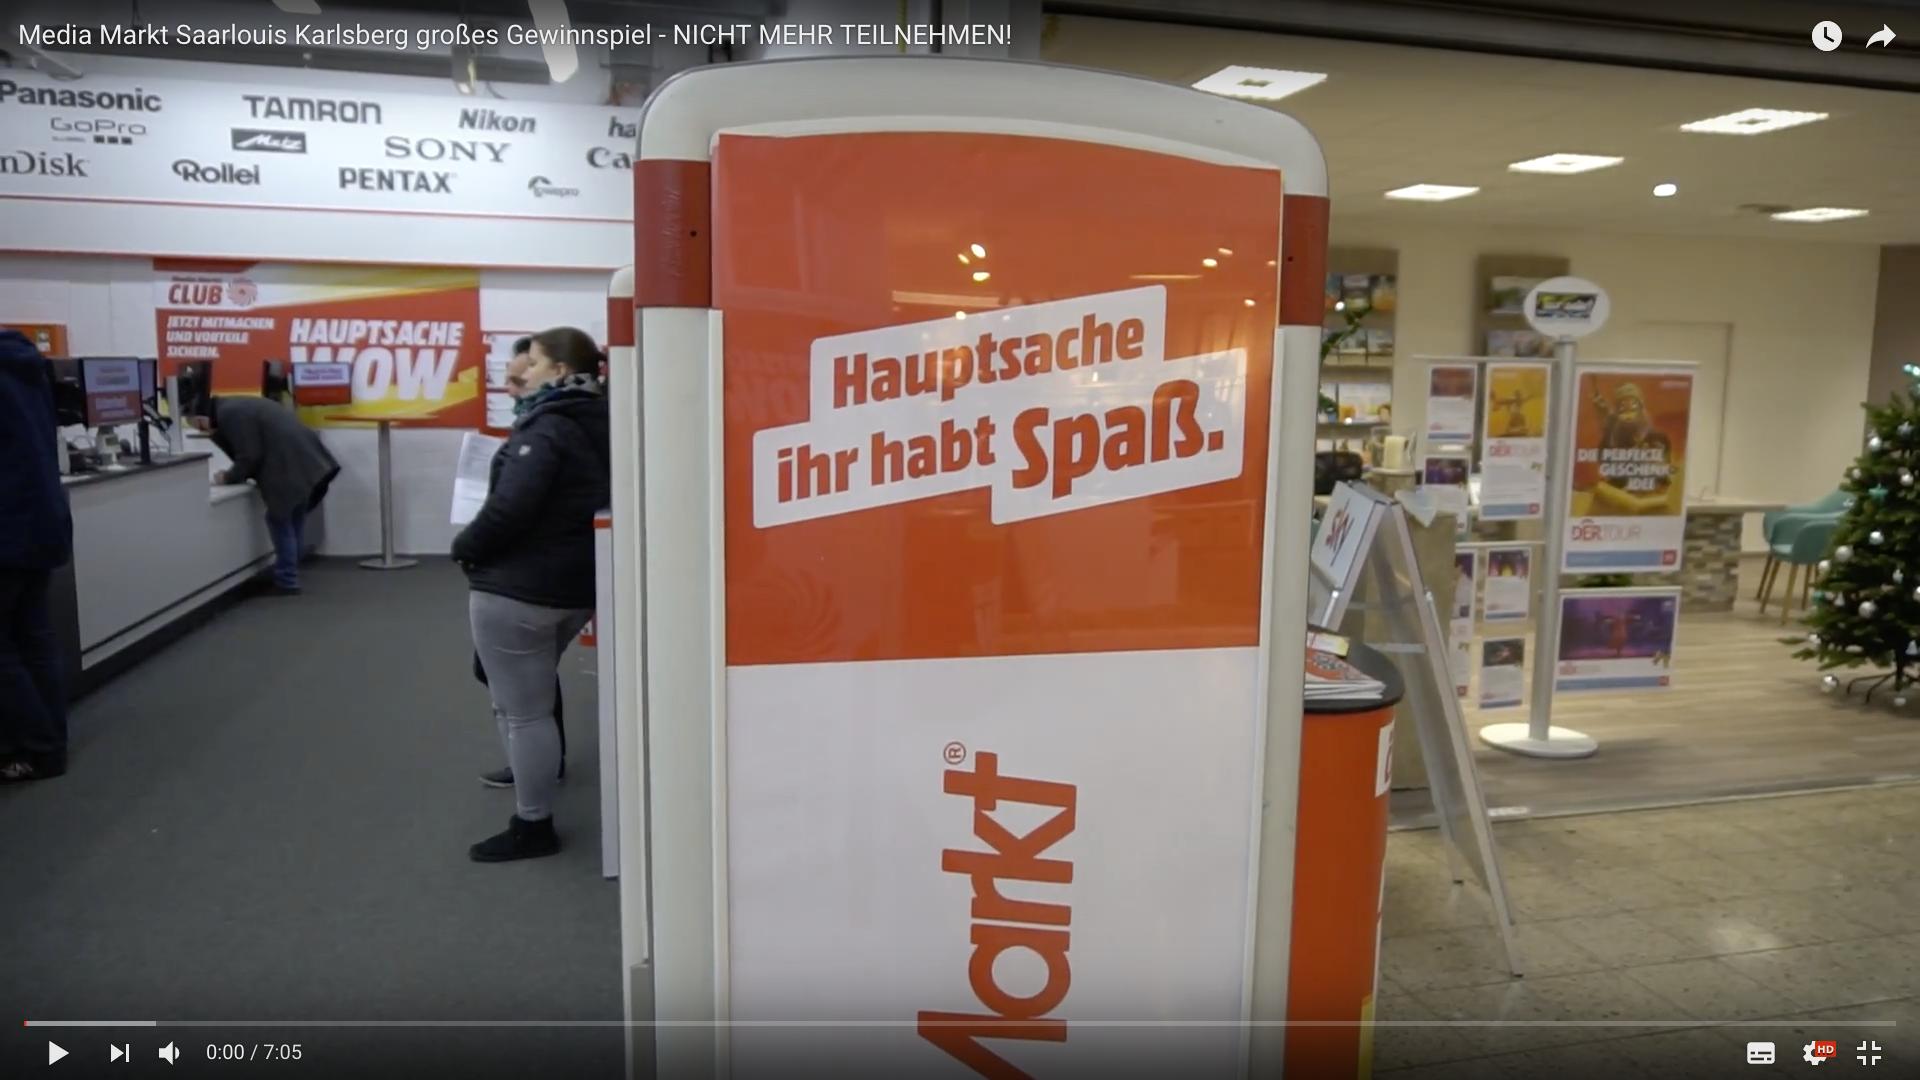 2017 Media Markt Saarlouis Karlsberg großes Gewinnspiel Media Markt _MSM_MEDIEN_SAAR_MOSEL_SAARLAND_FERNSEHEN_1_ED_SAAR